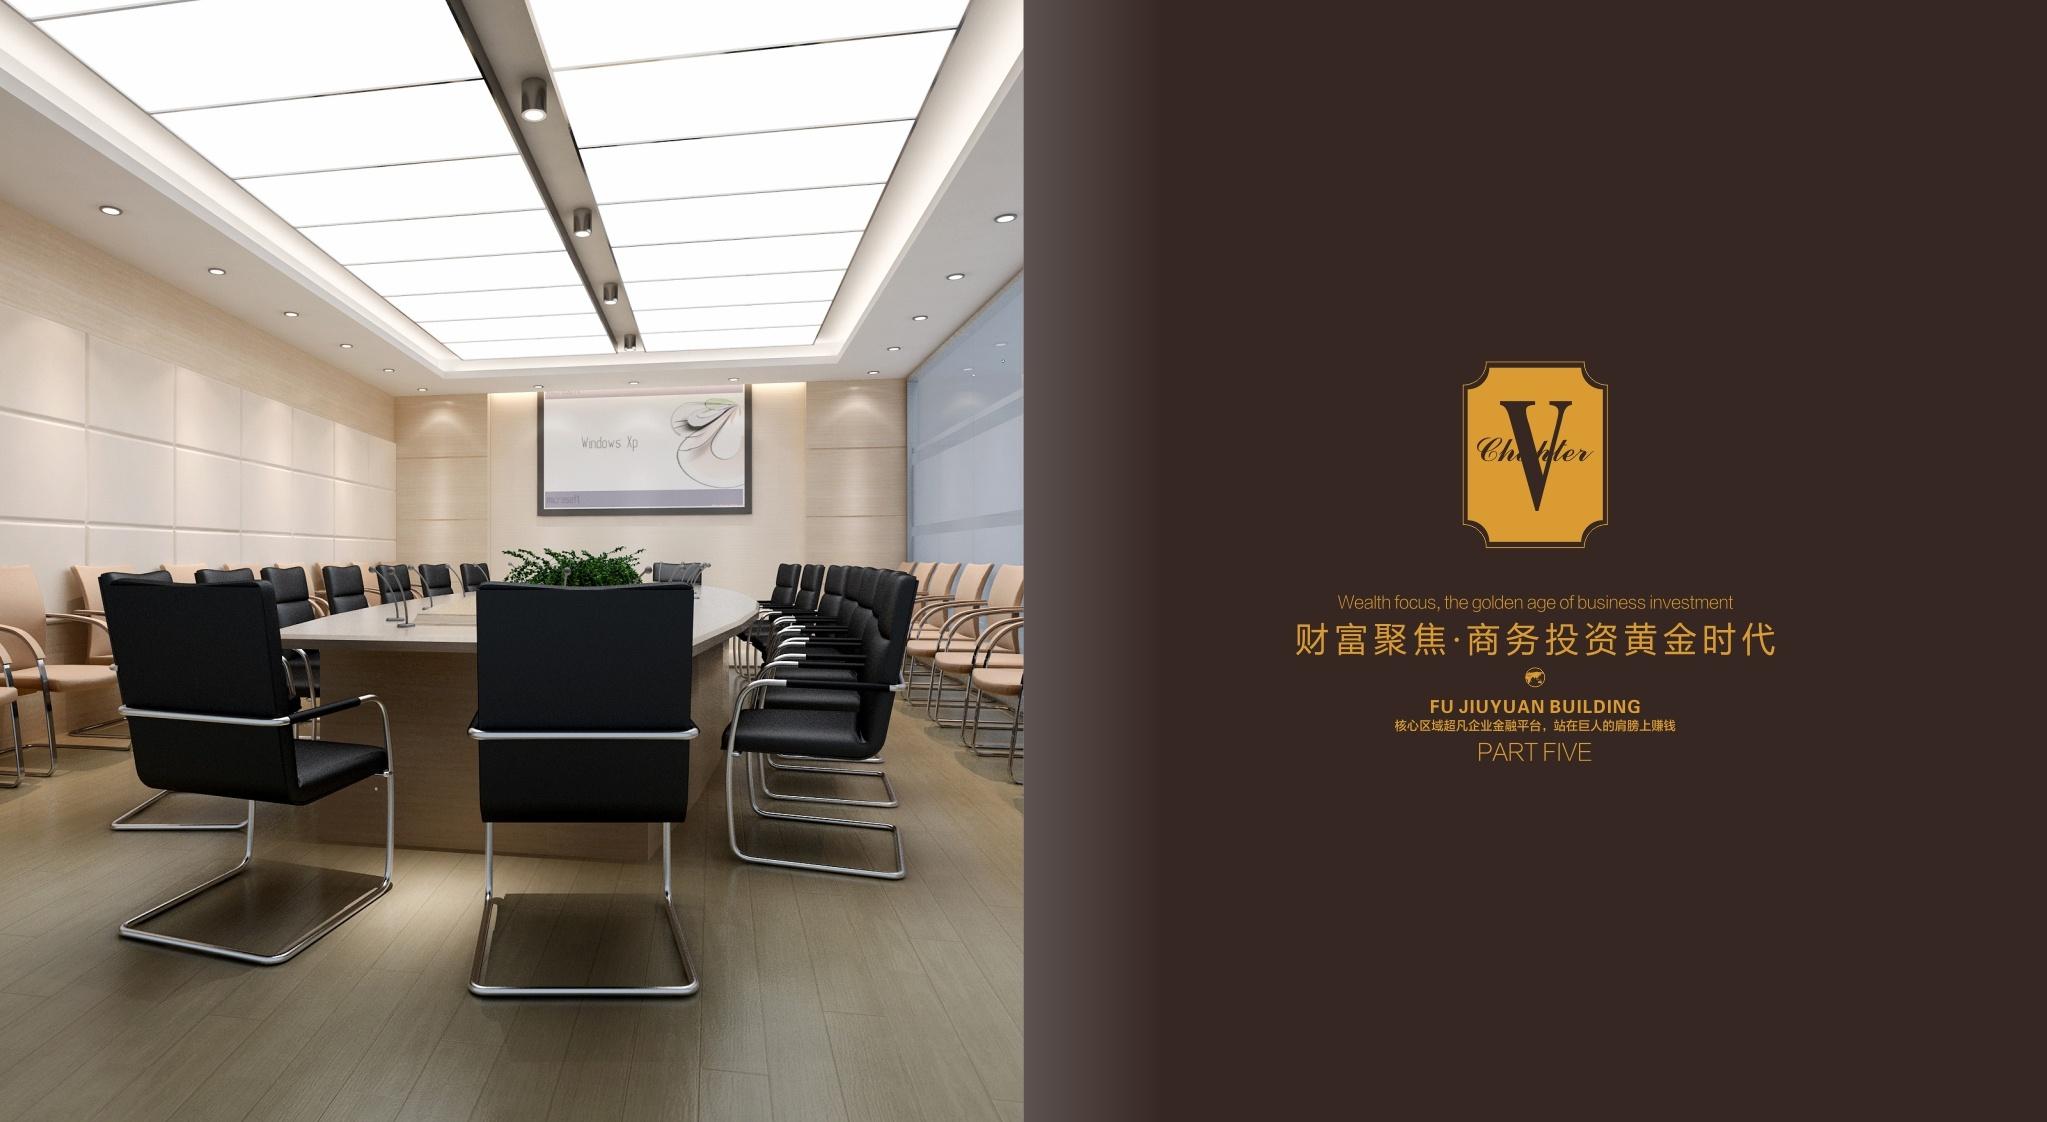 楼书v机构|房地产5a写字楼机构out了-阿利创意职位室内设计师最高到什么时代图片